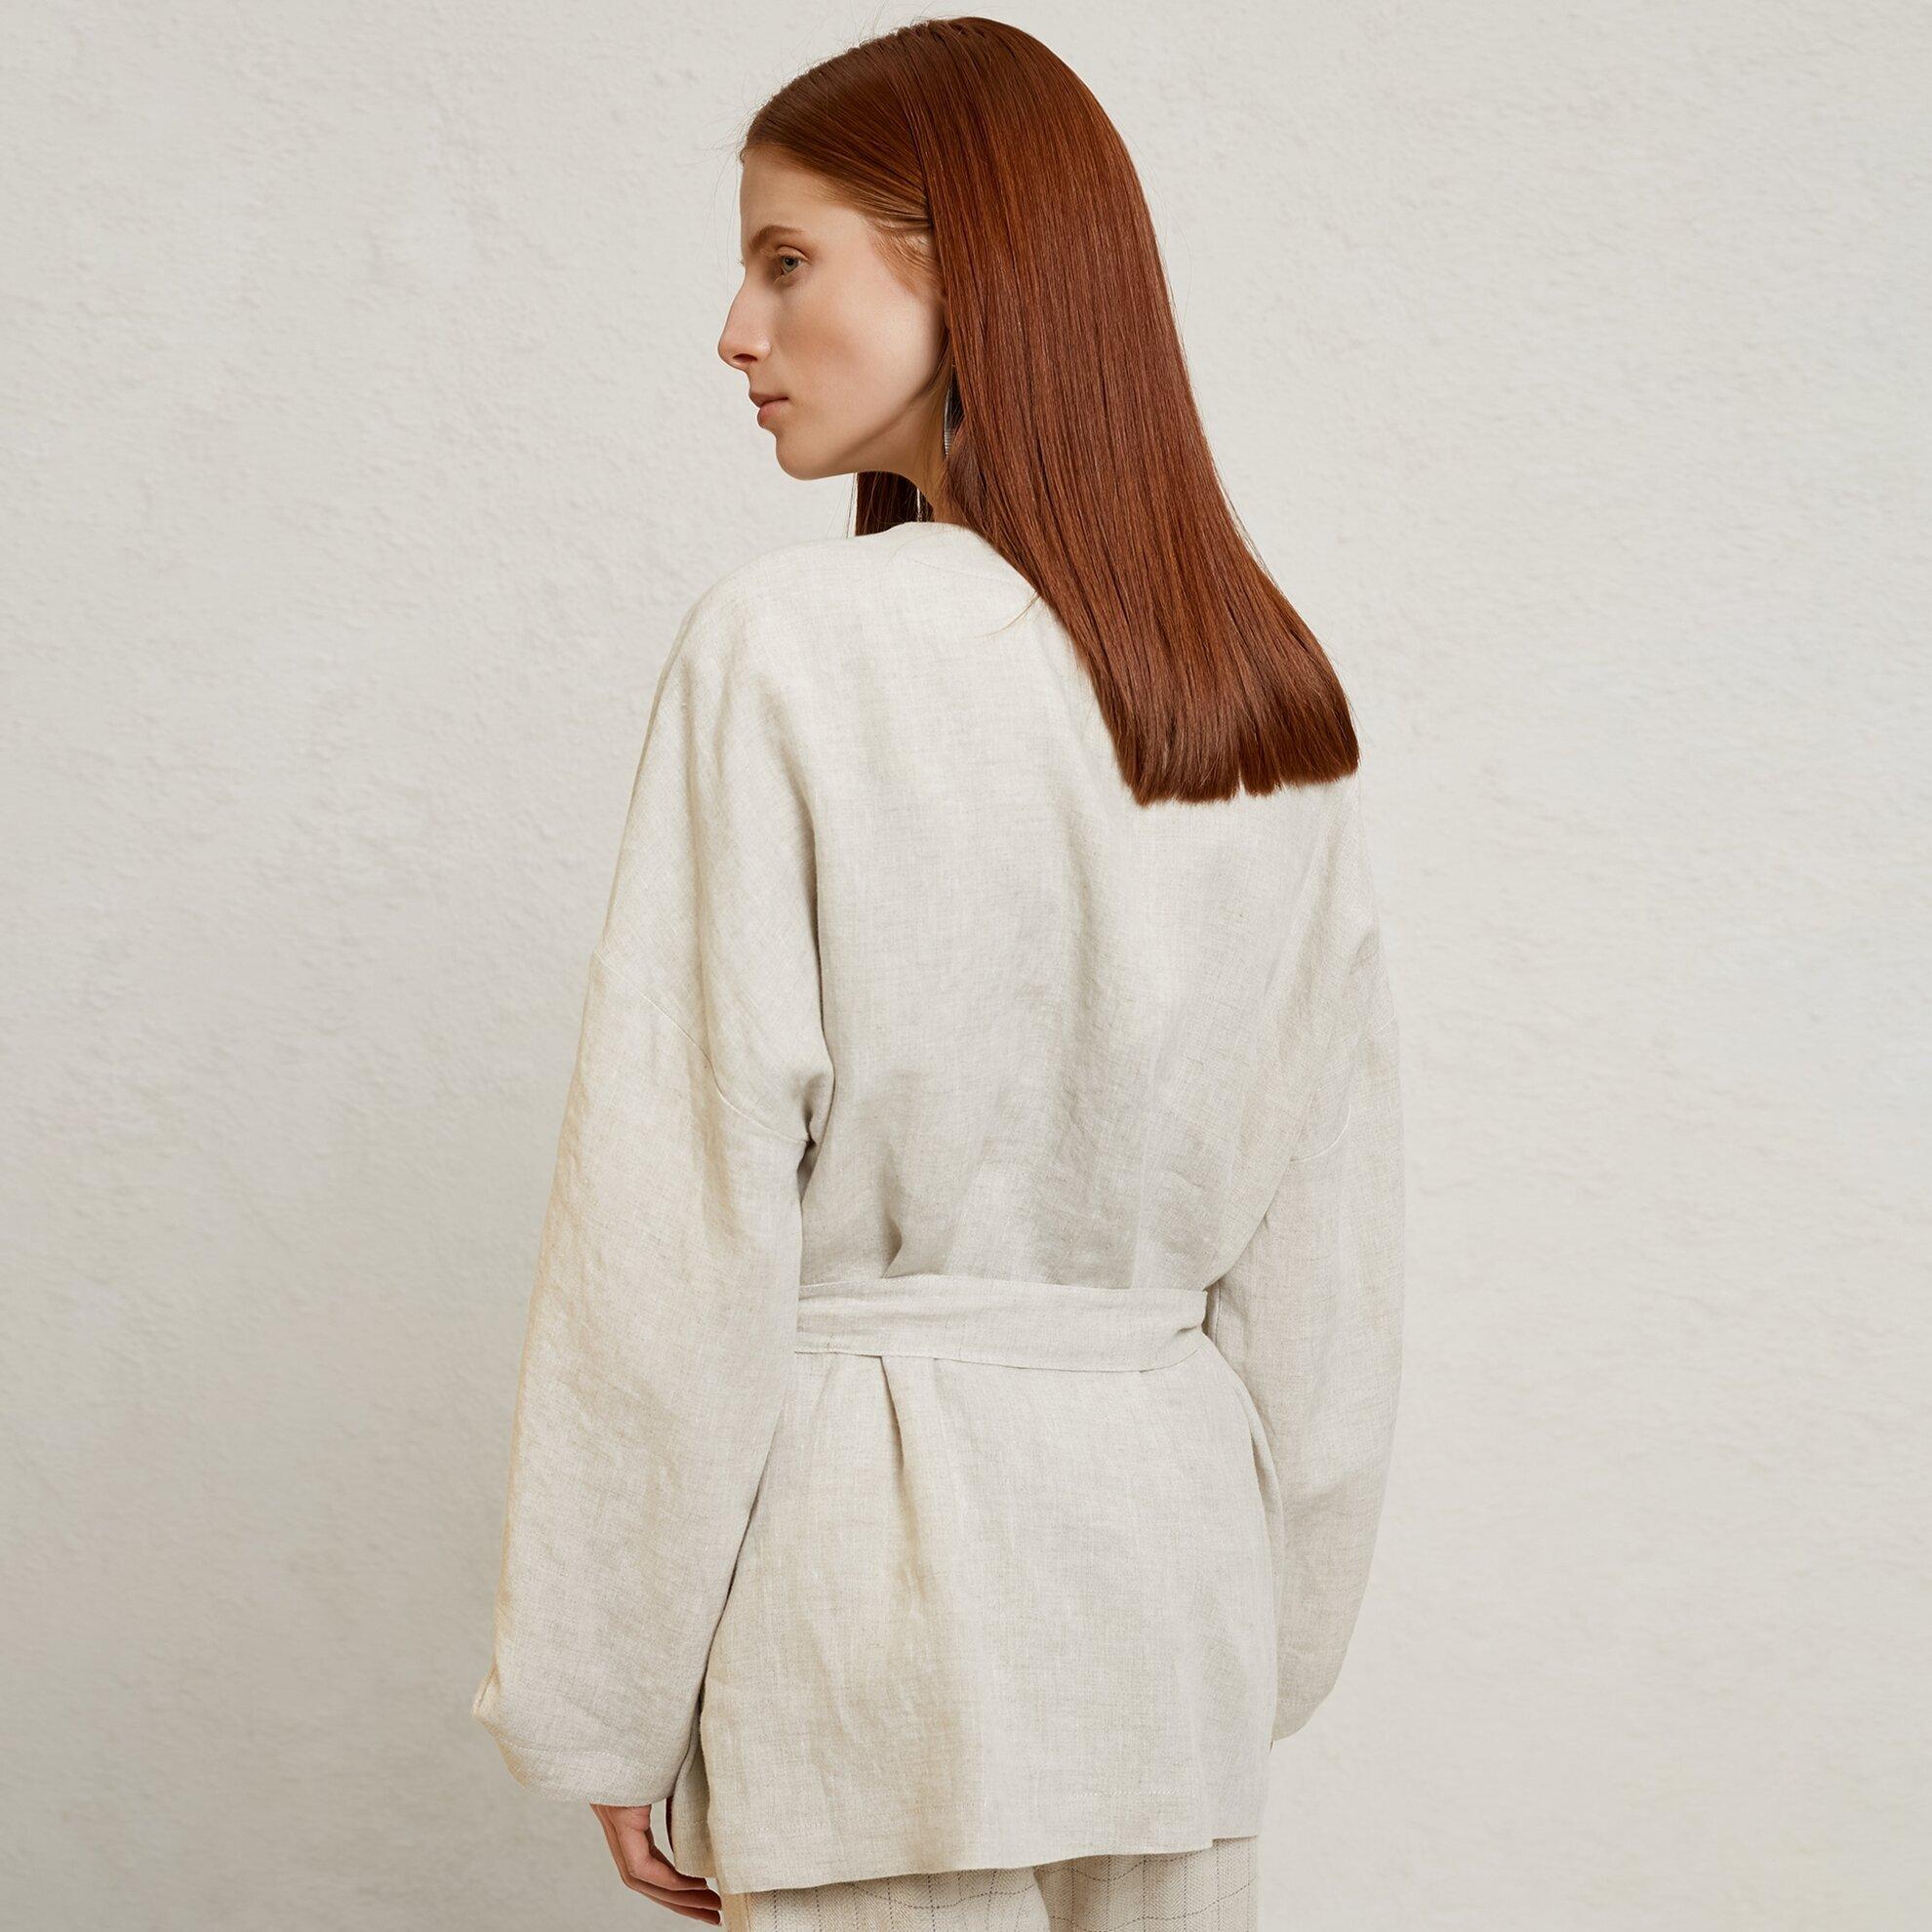 Kuşak Detaylı Ceket